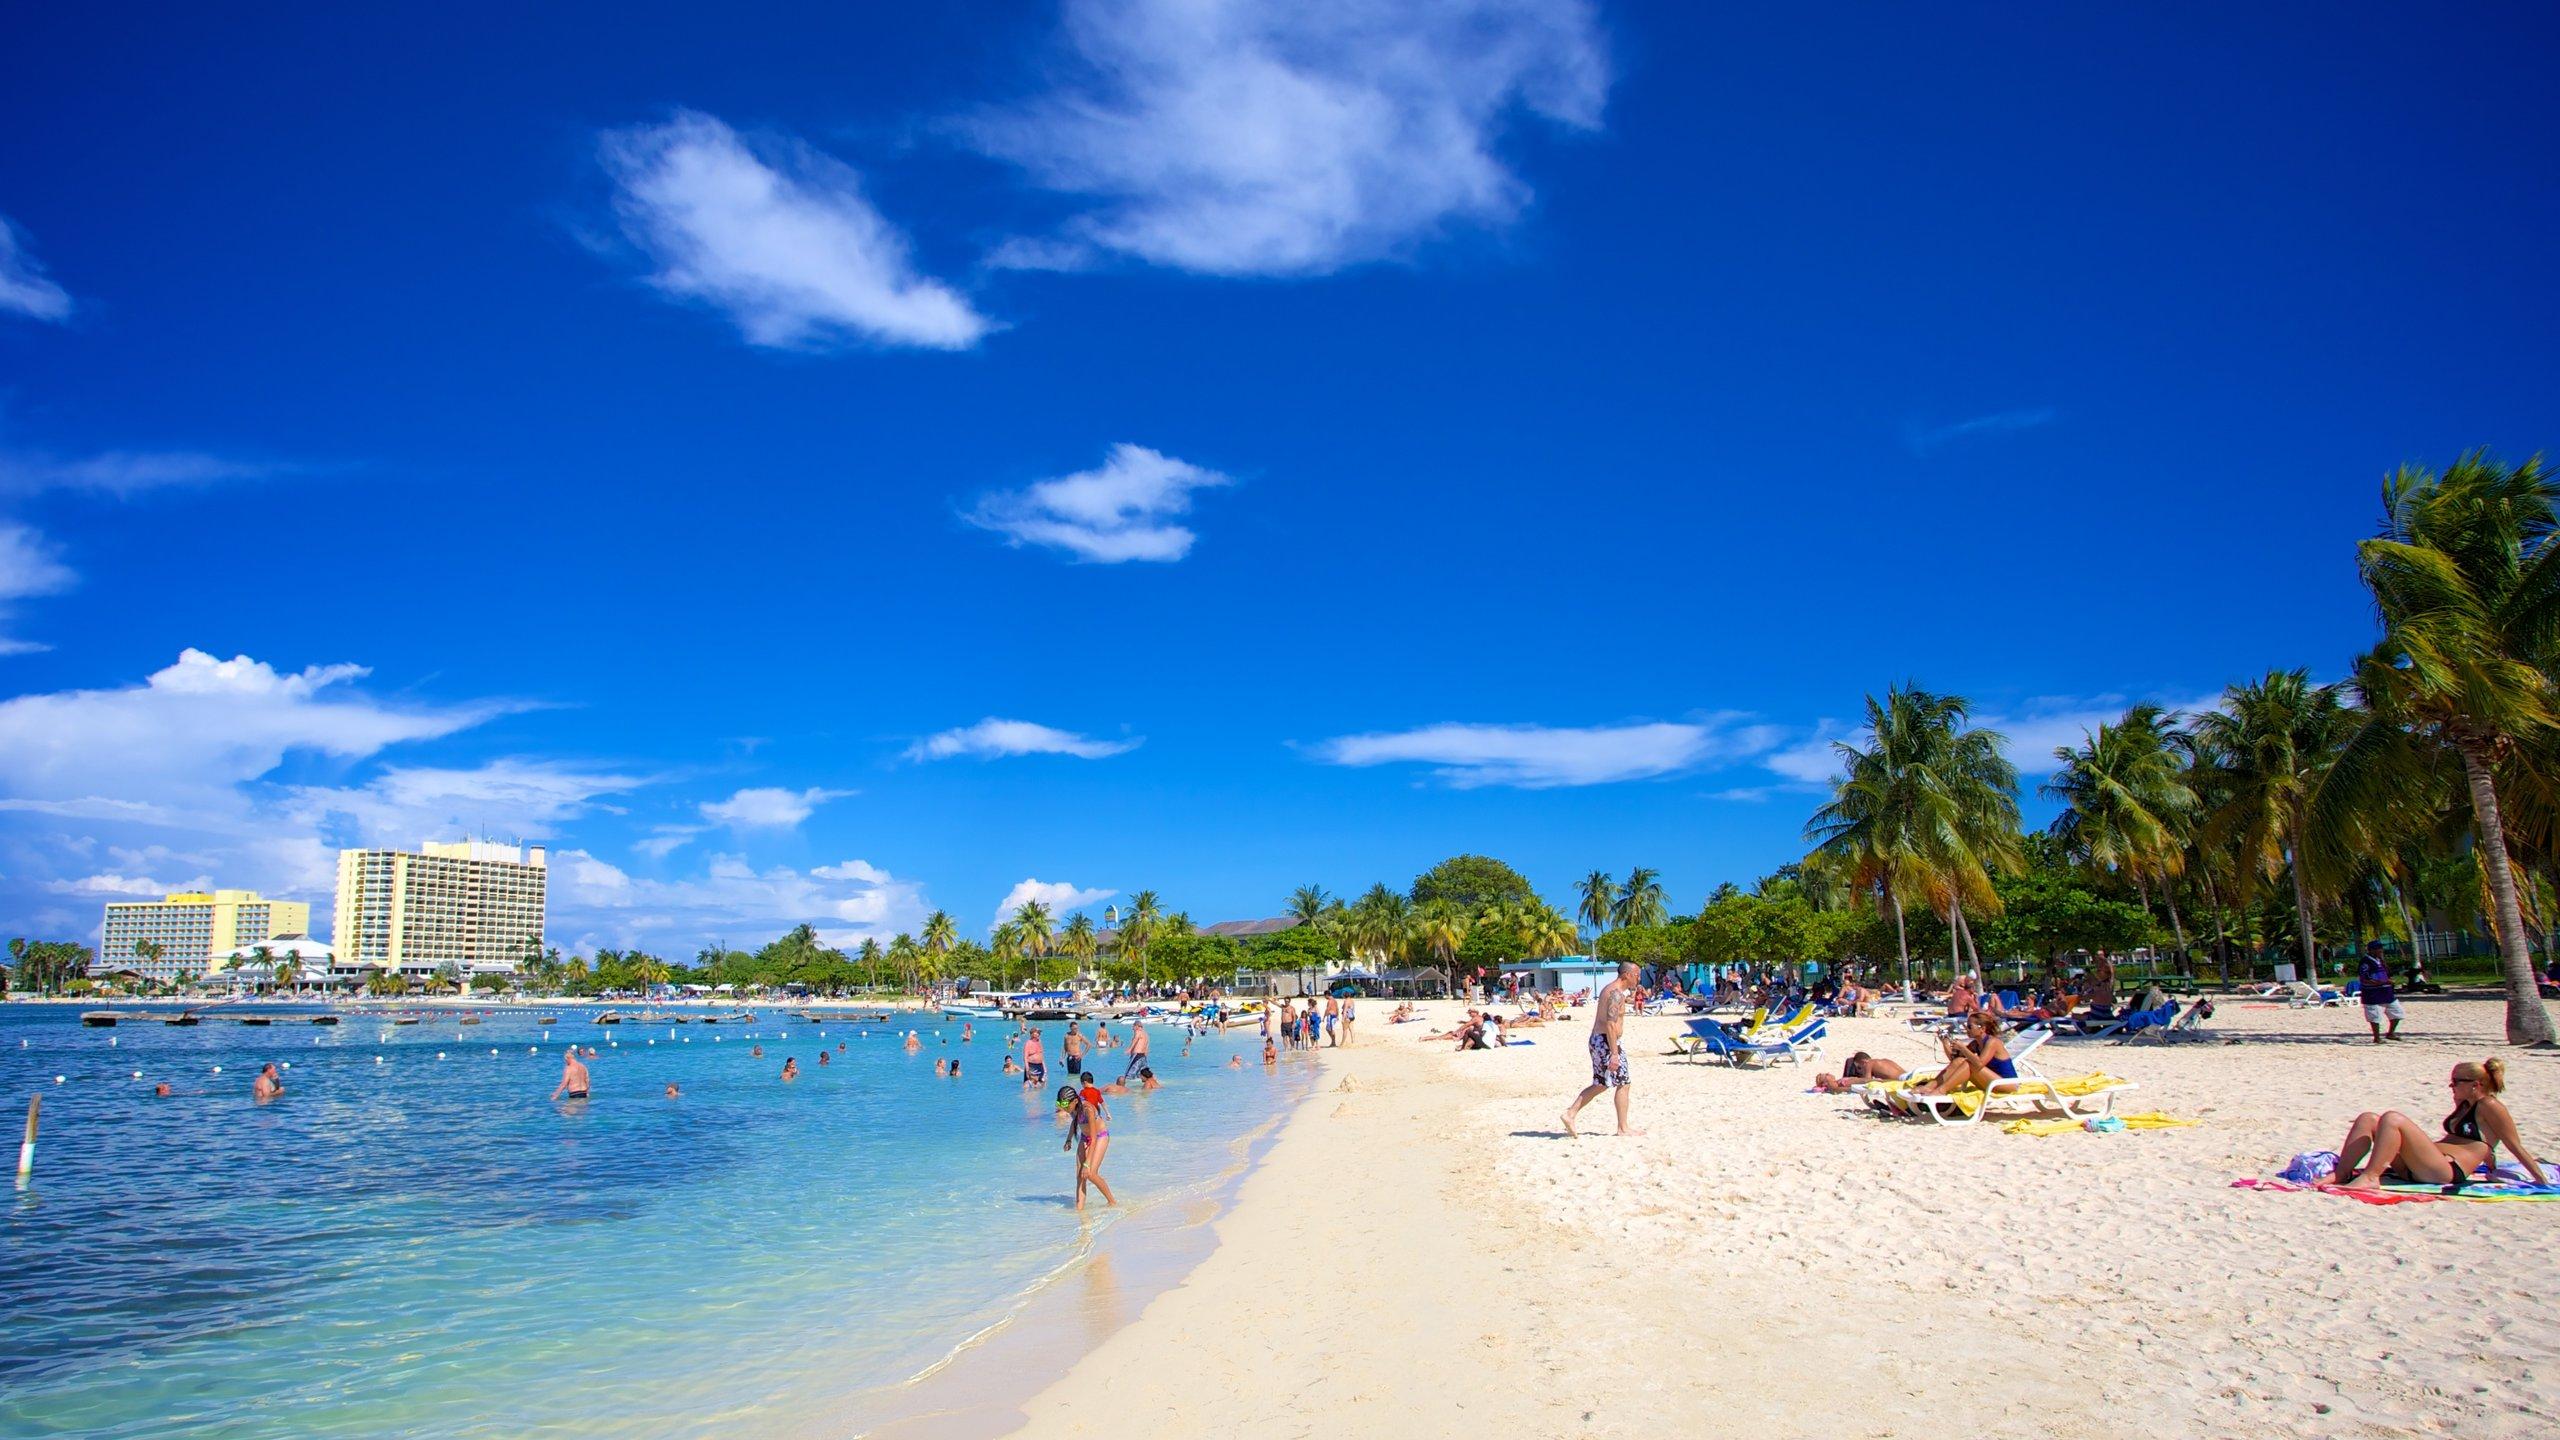 Ocho Rios, Saint Ann, Jamaica